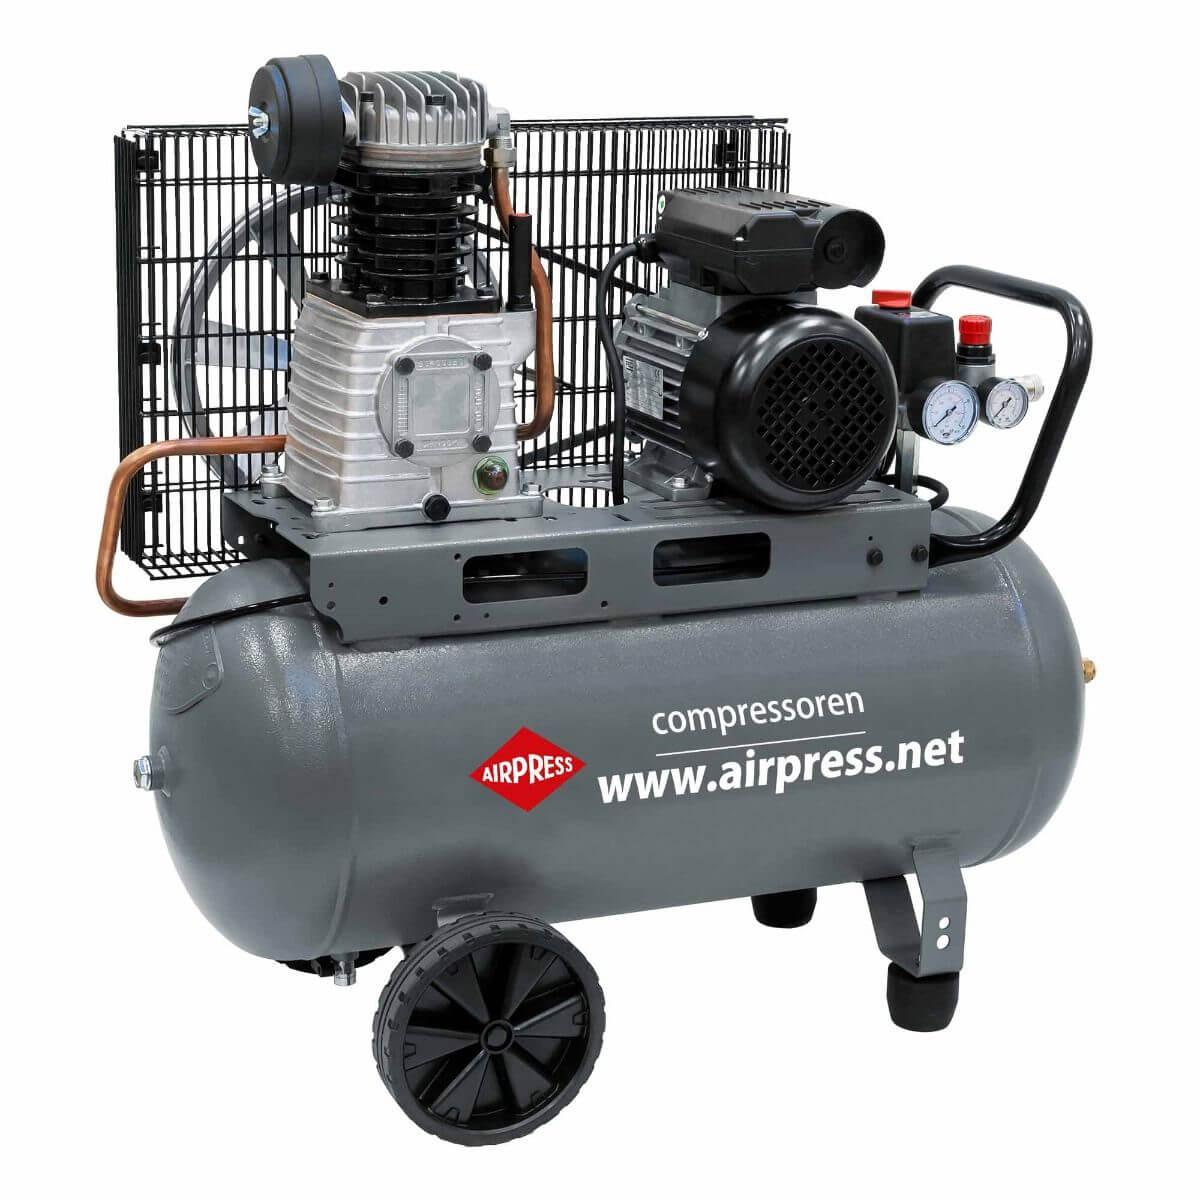 Kompressor HL 310-50